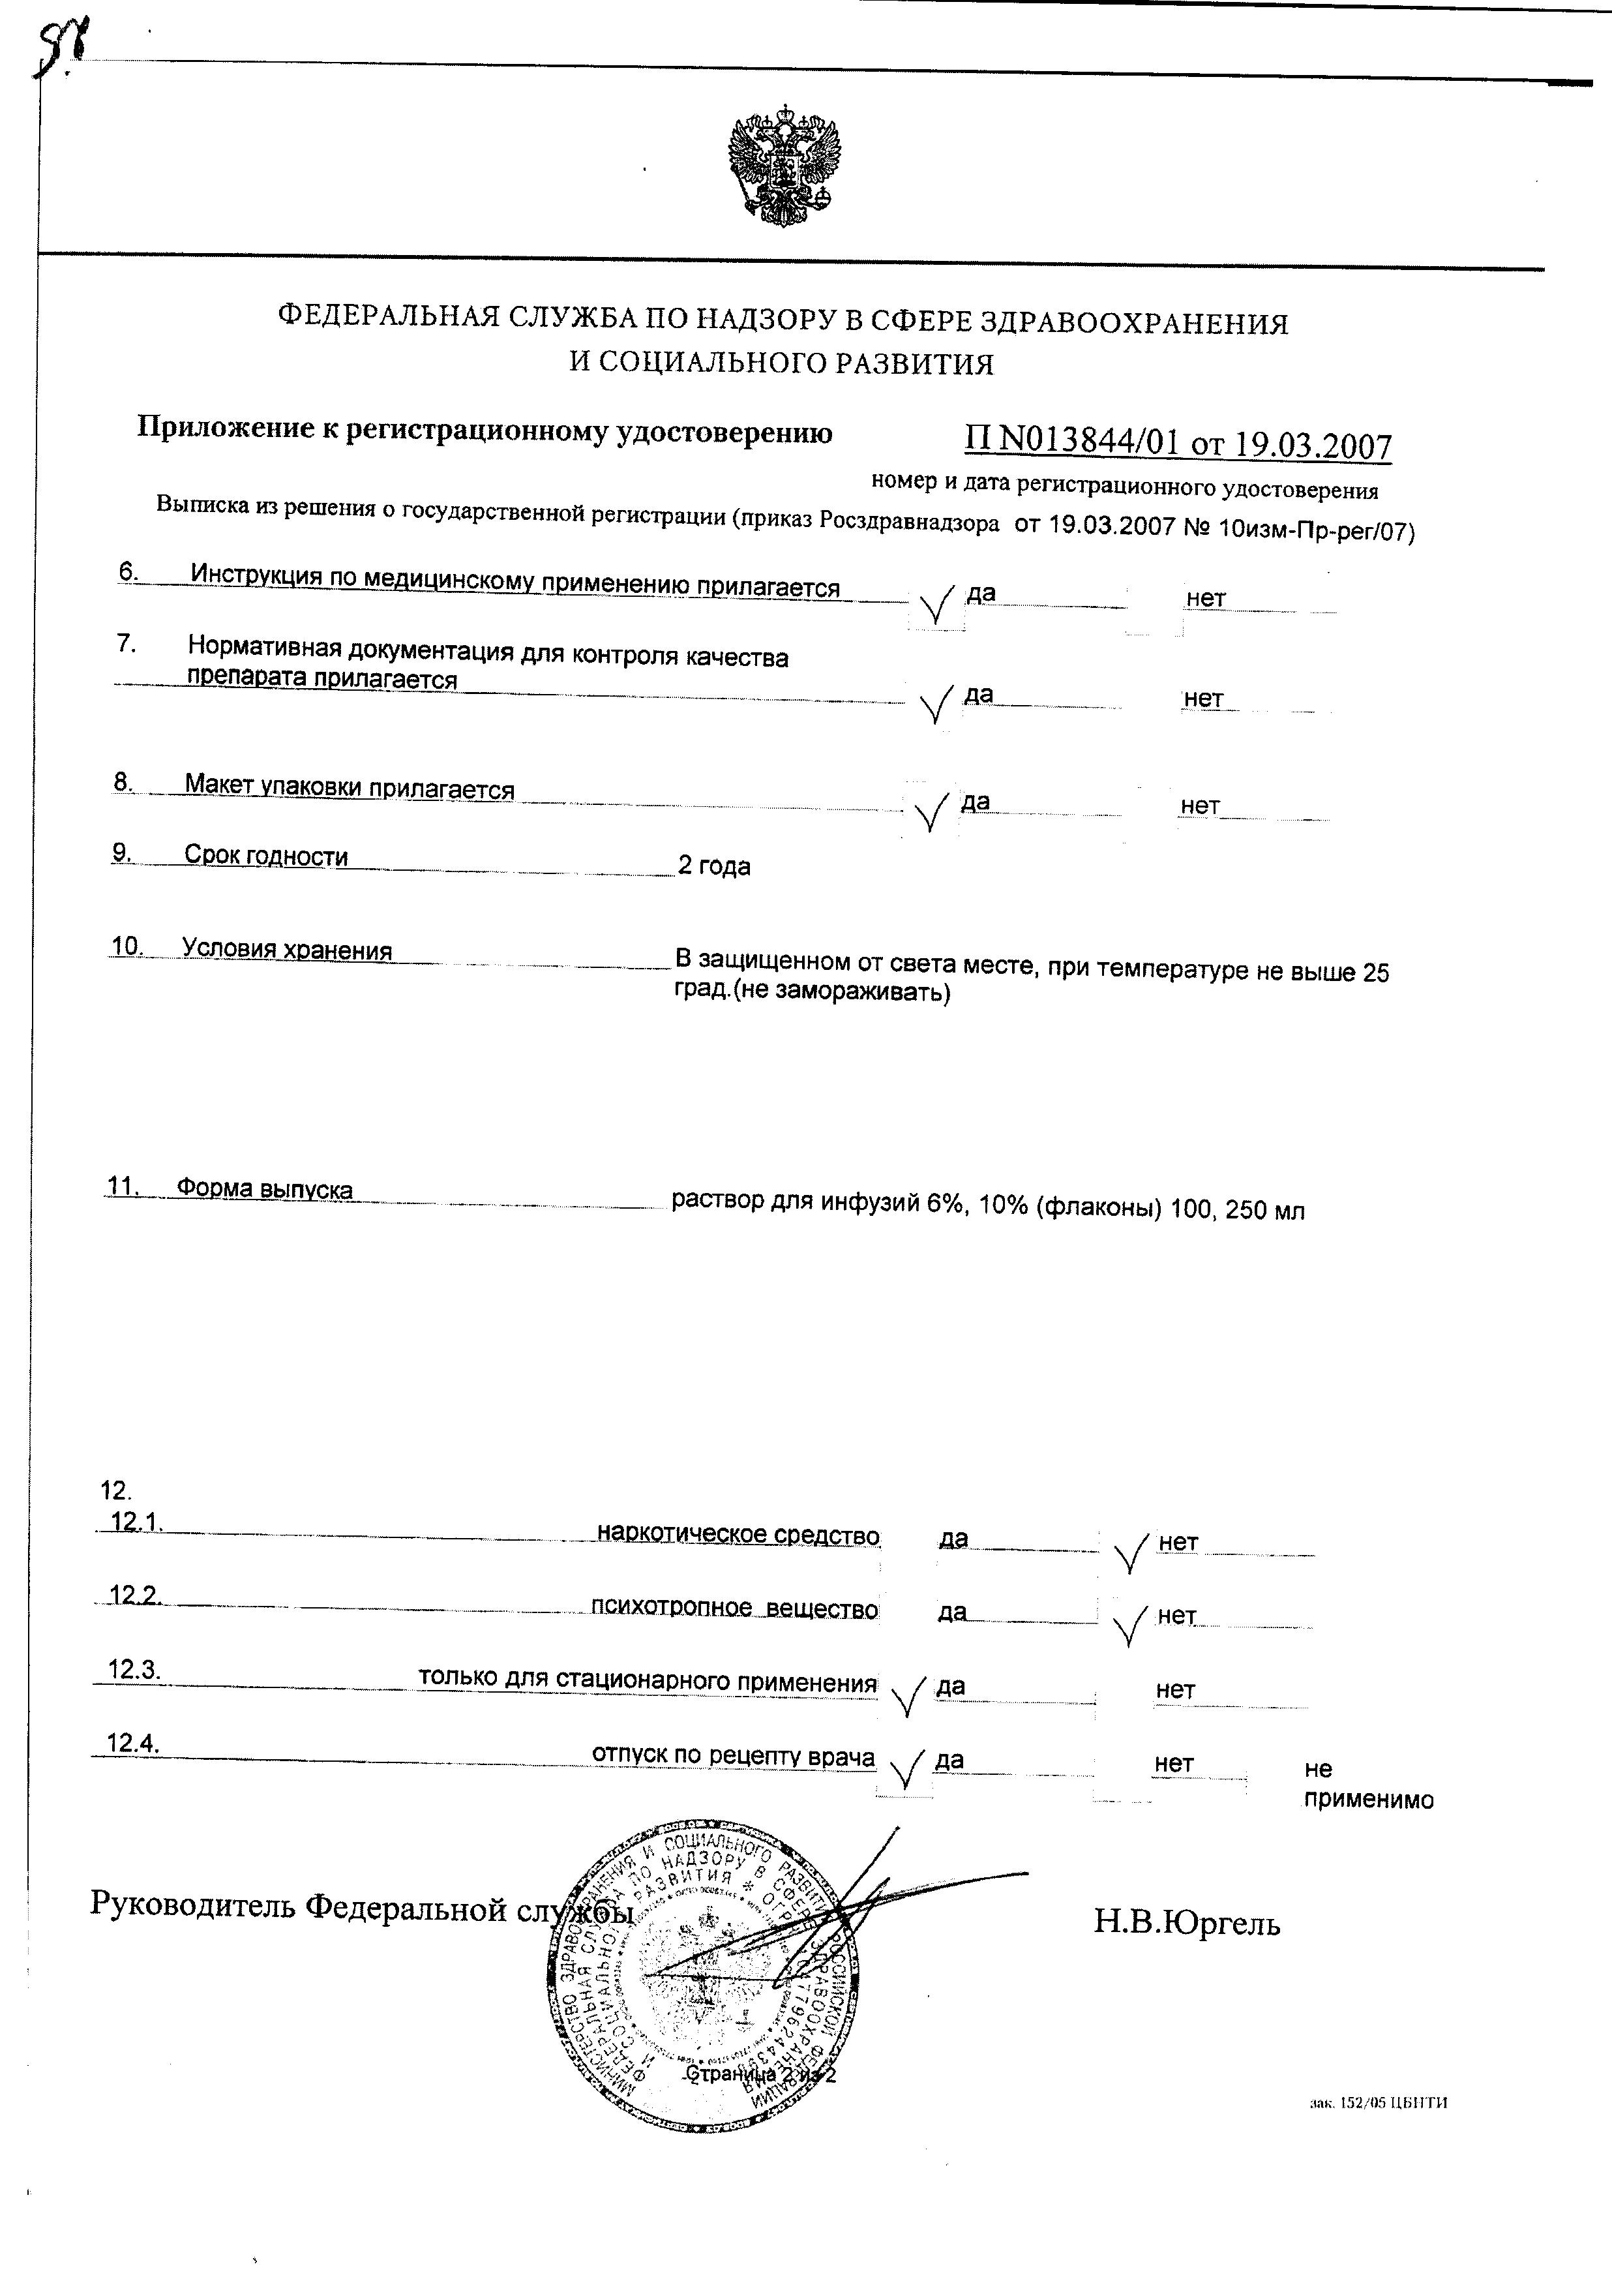 Аминовен Инфант сертификат